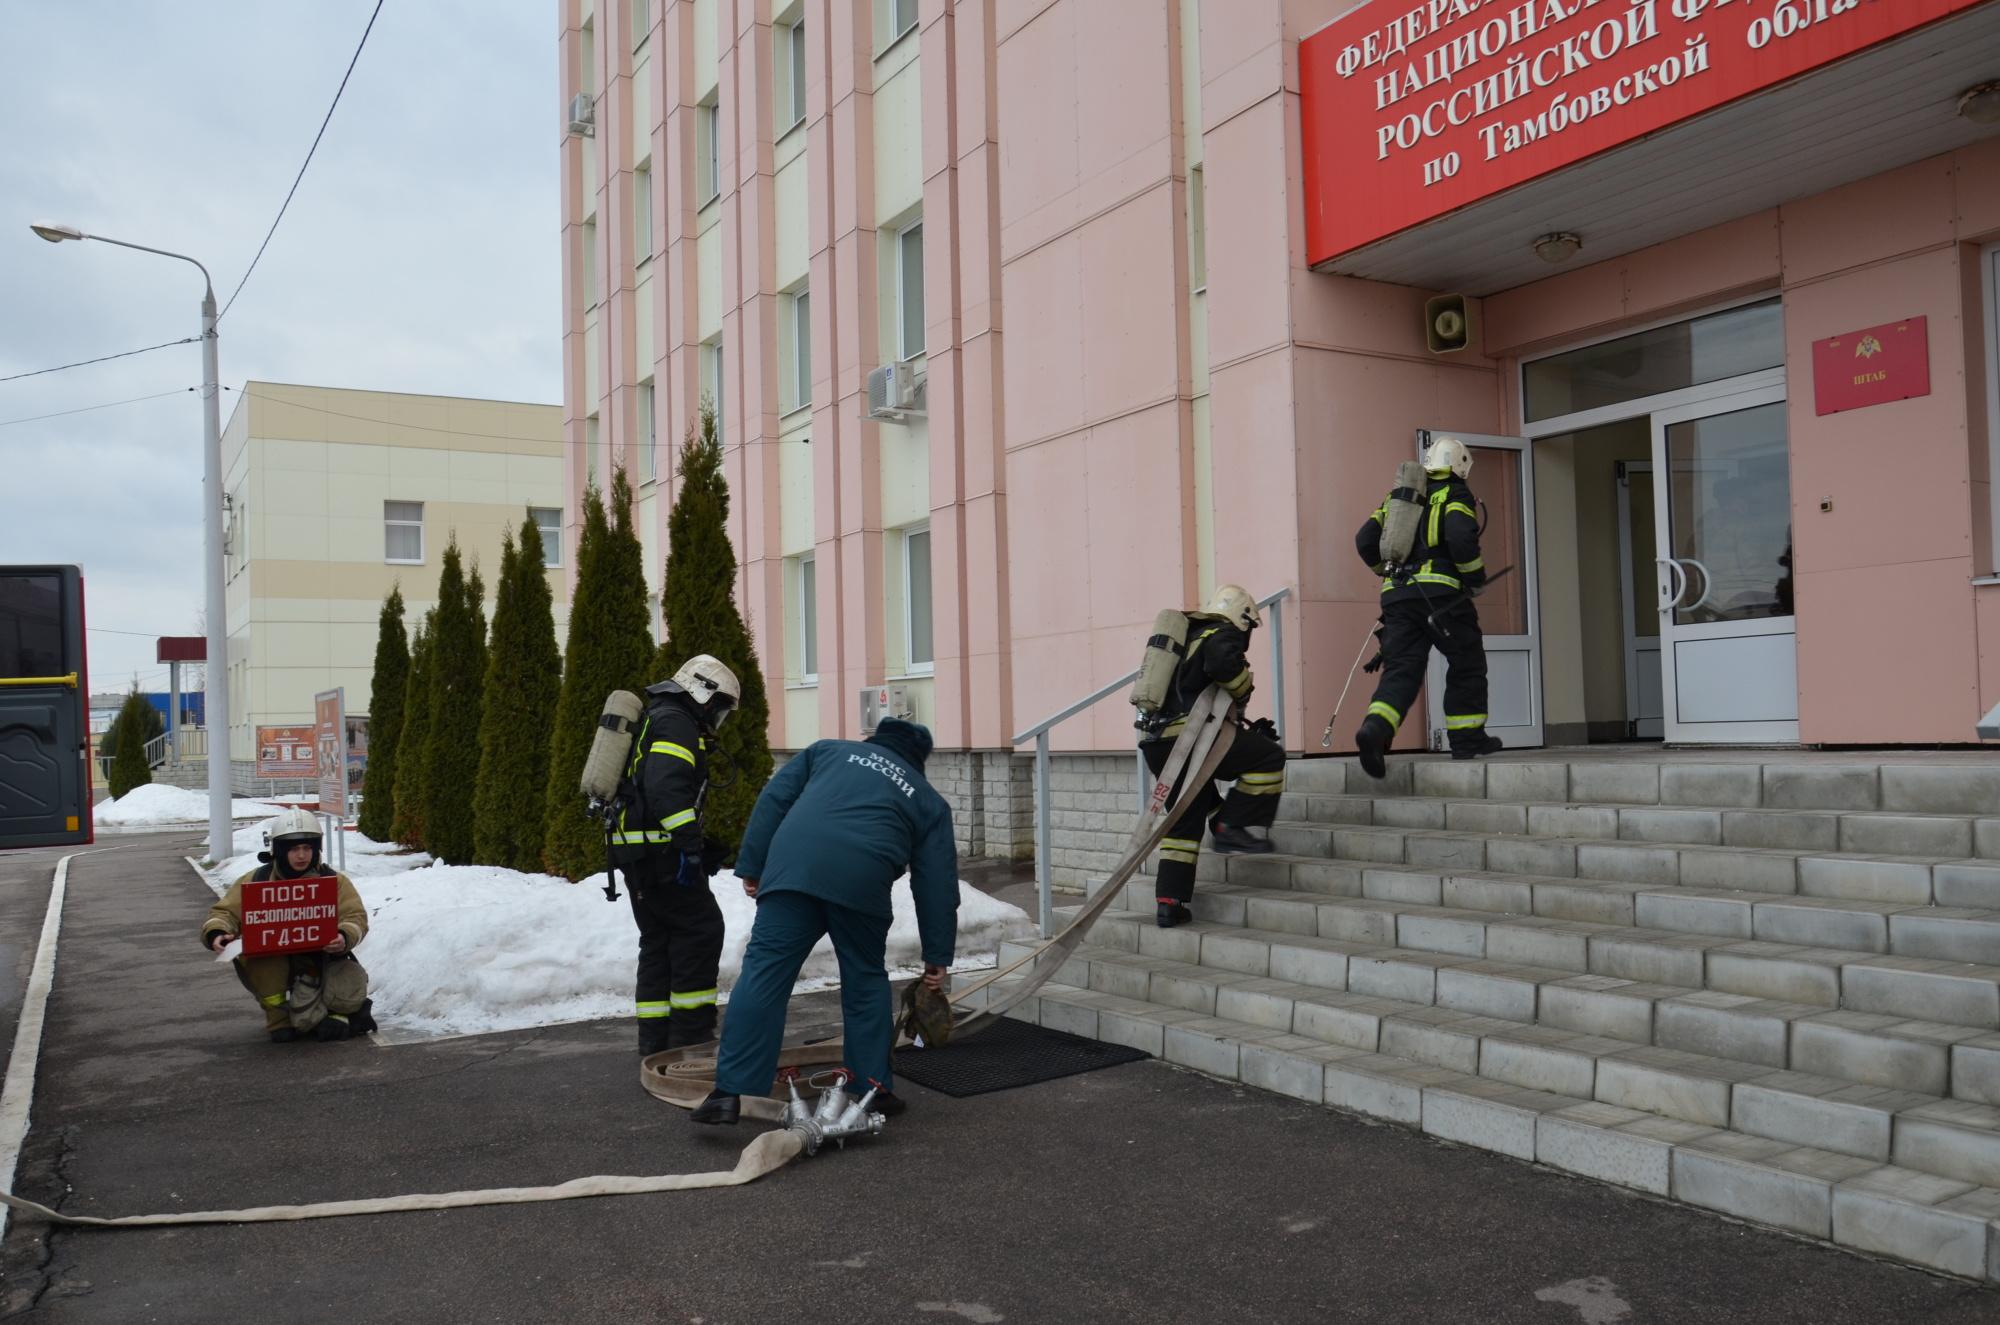 В здании управления Росгвардии в Тамбове потушили условный пожар